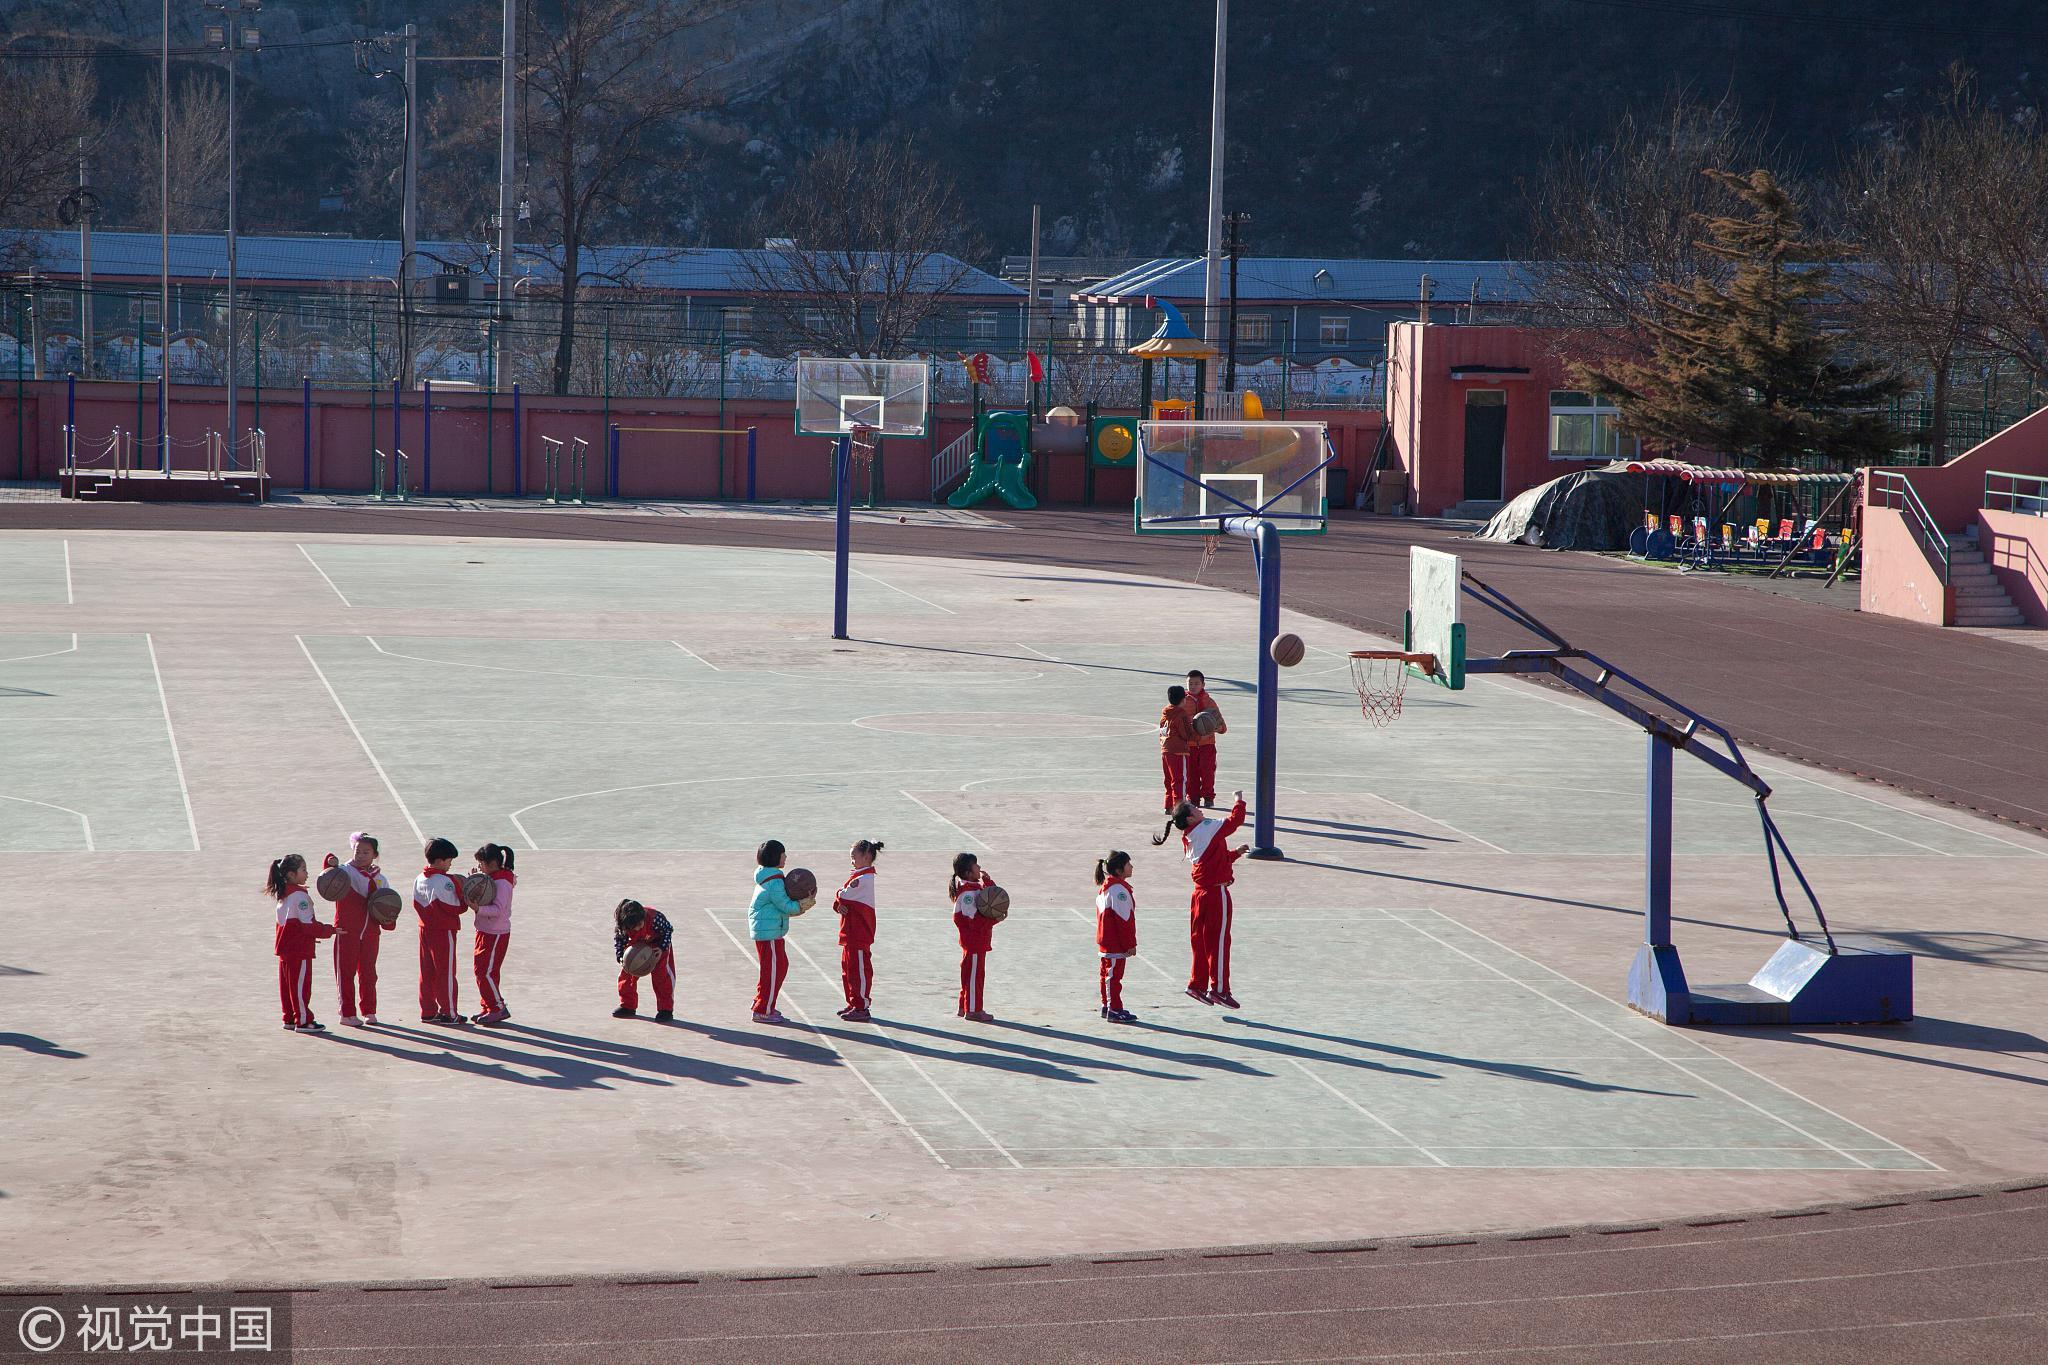 中国的体育课,为什么不行